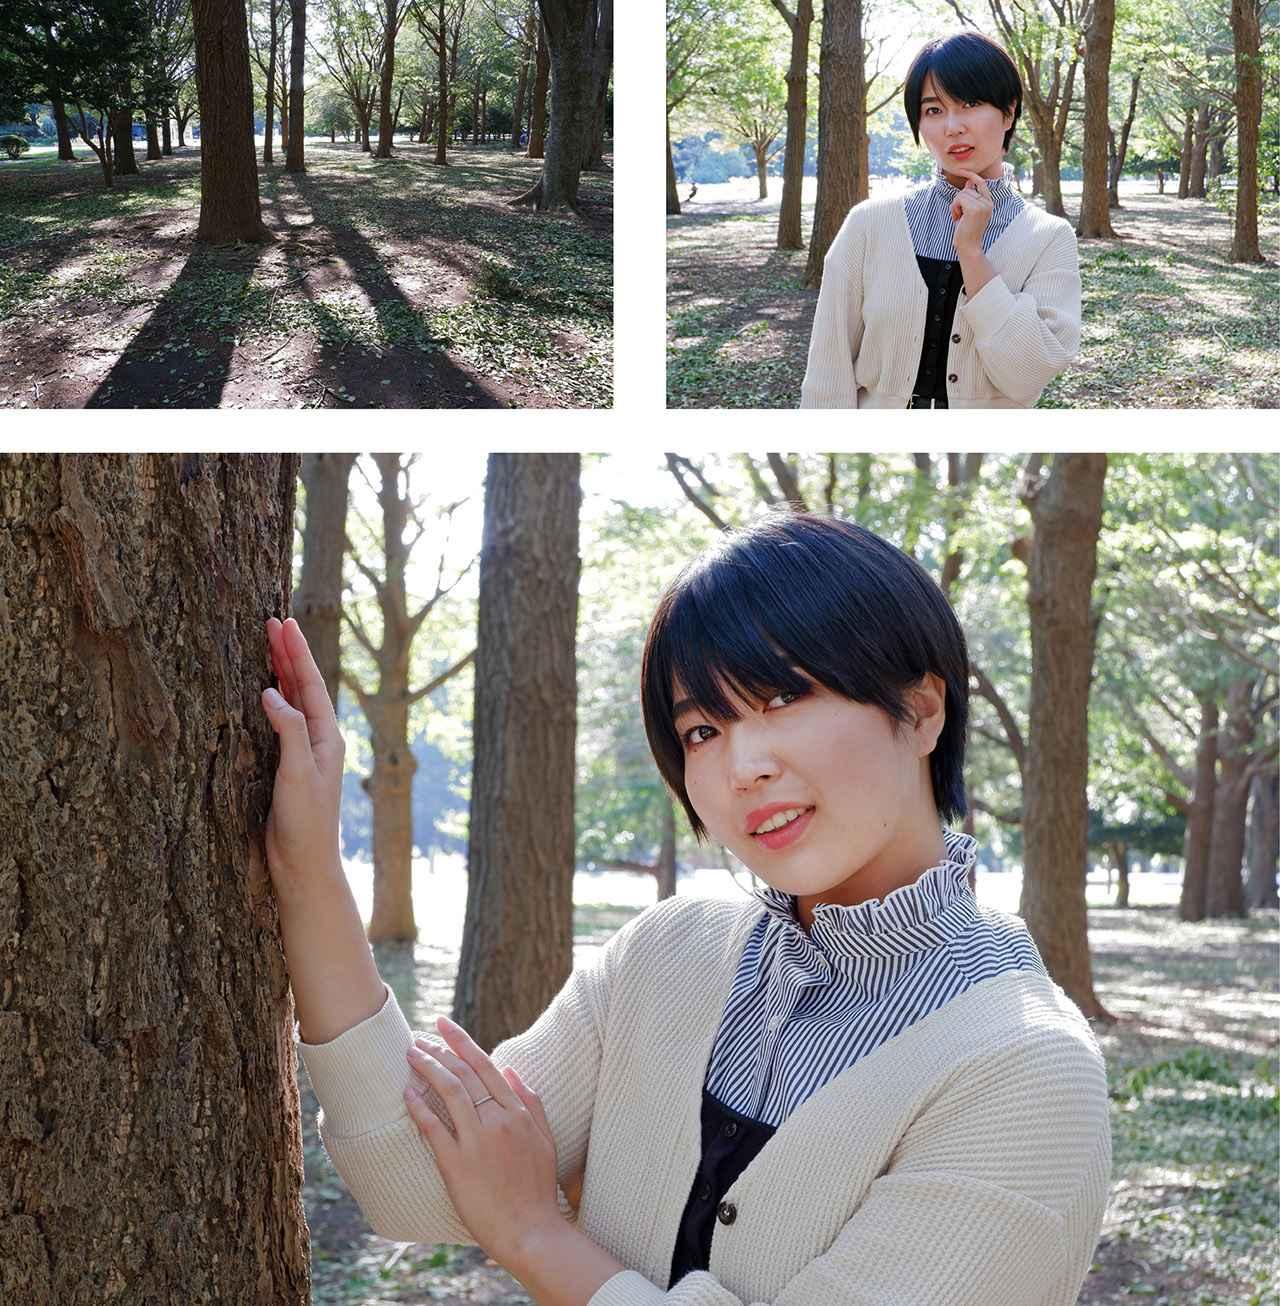 画像: 公園内のイチョウの一角。午後の逆光を生かして、輪郭部が輝く人物を撮りたい。立ってもらうだけでは単調なので、一本の木に寄り添ってもらい、ポーズに変化をつけた。